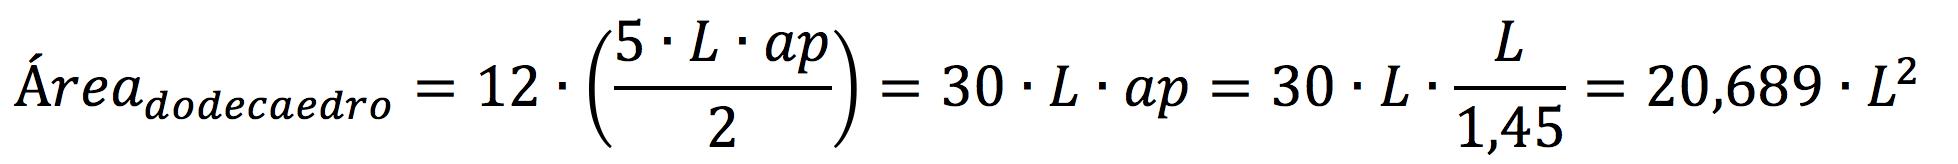 Demostración para sacar la fórmula del área de un dodecaedro